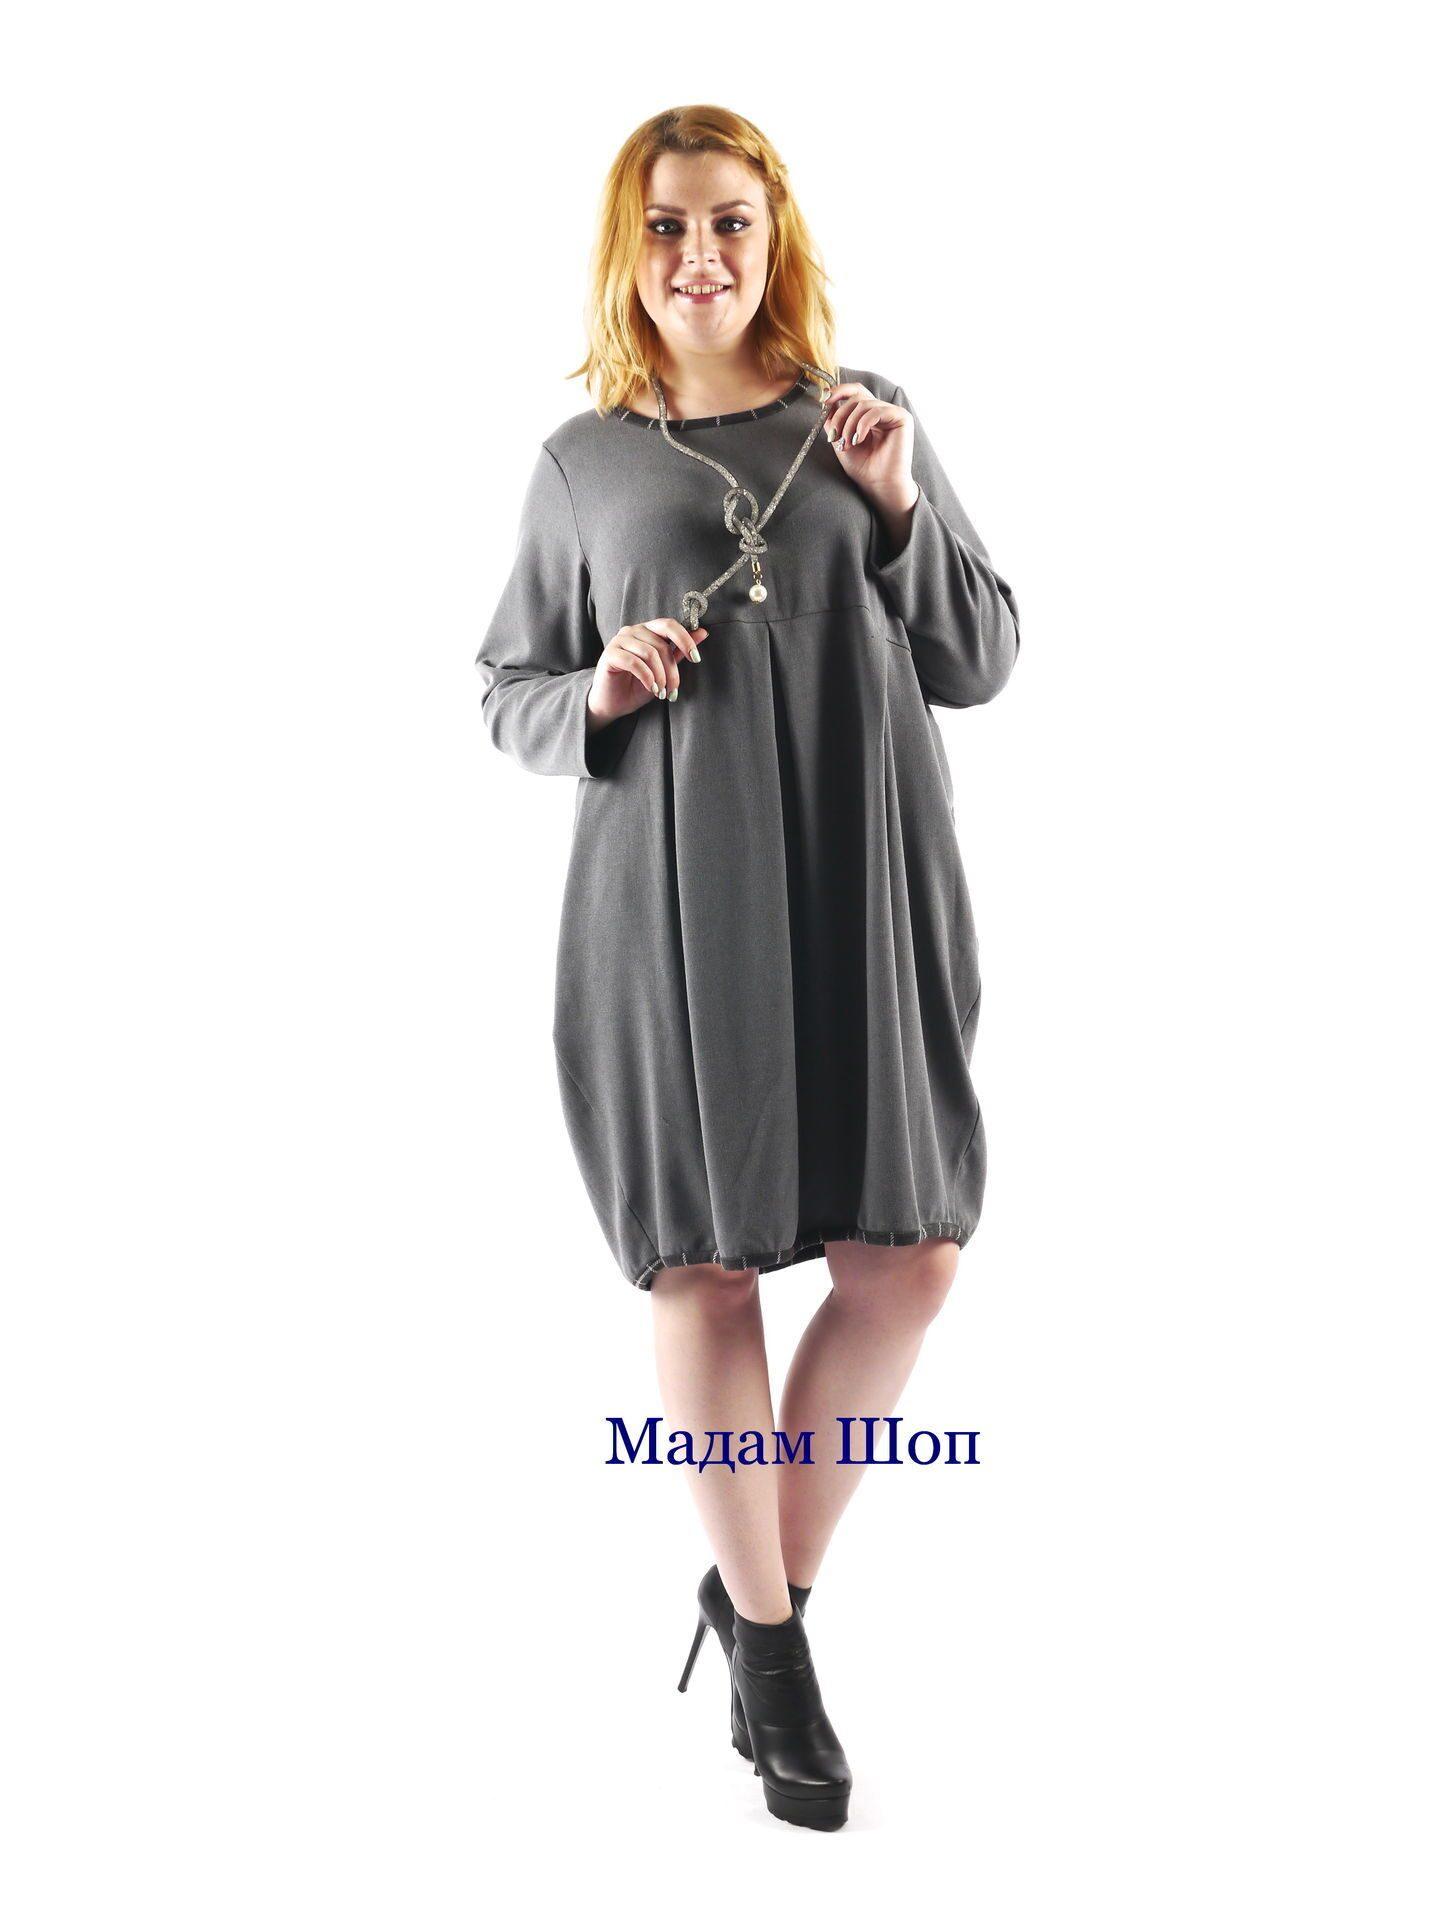 Туники-платье осень италия интернет магазин